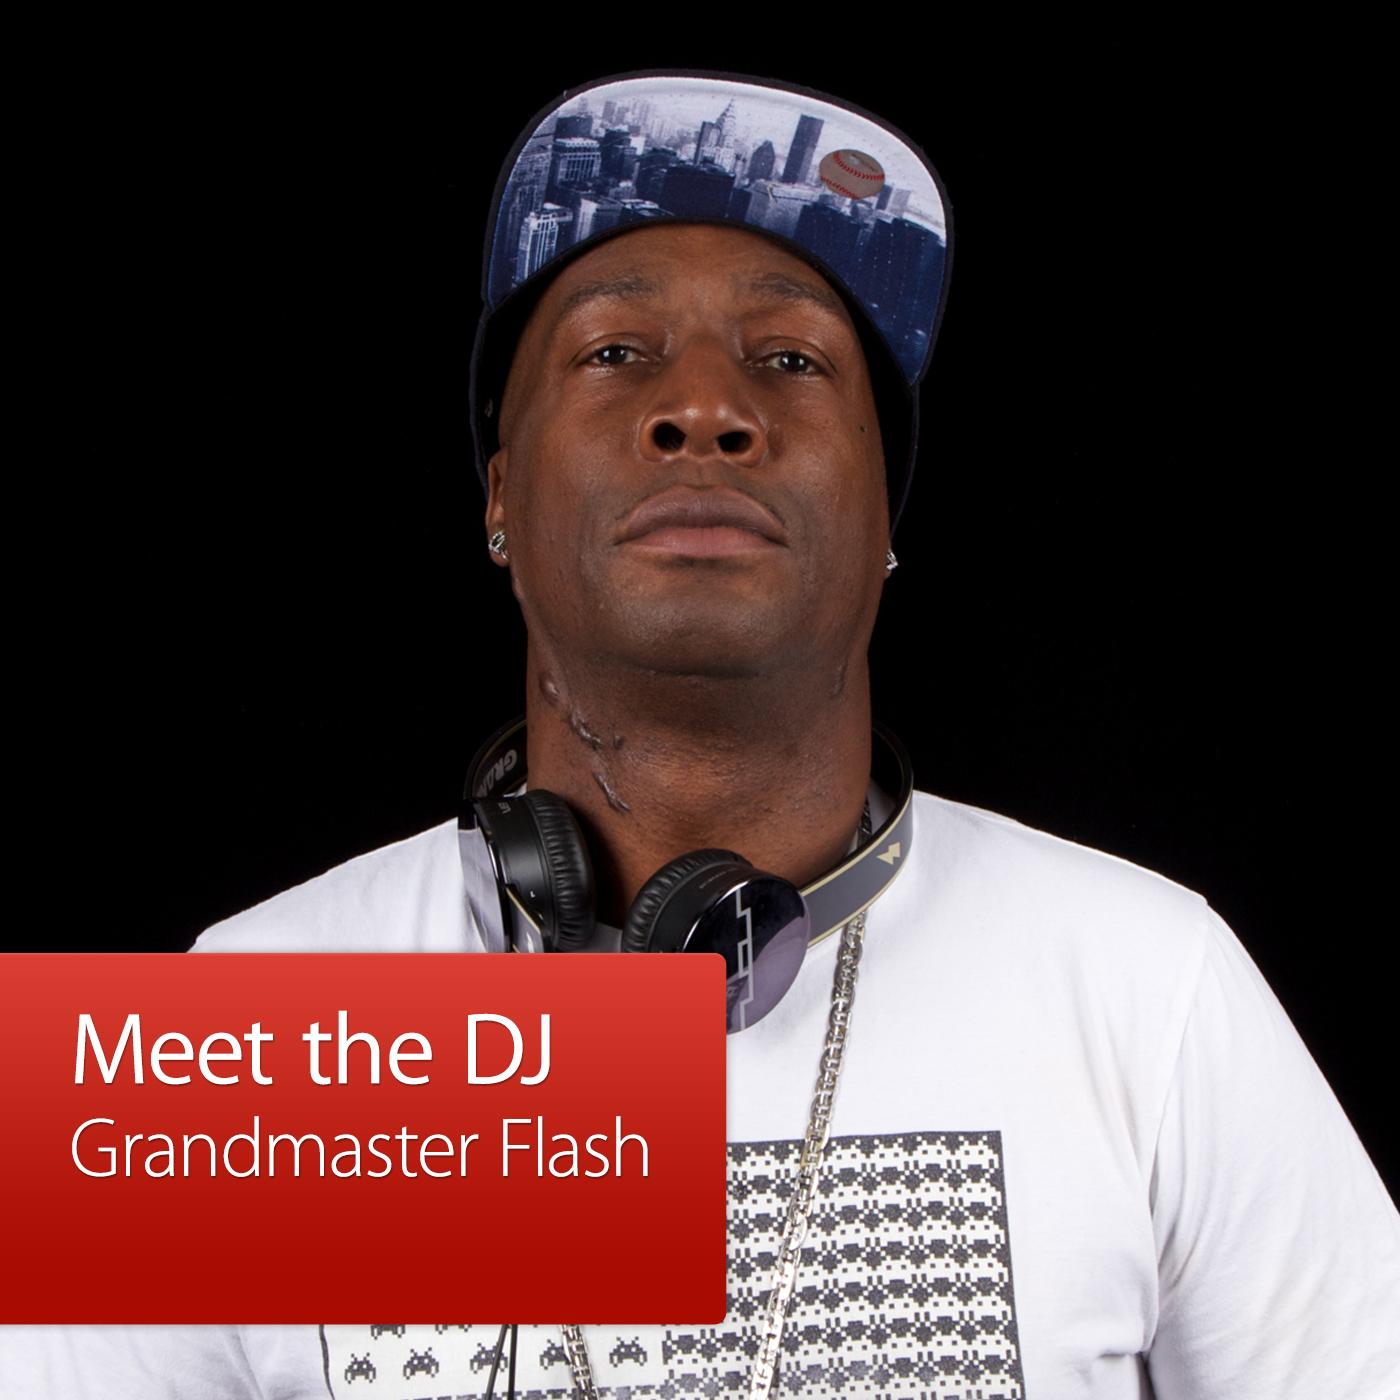 Grandmaster Flash: Meet the DJ